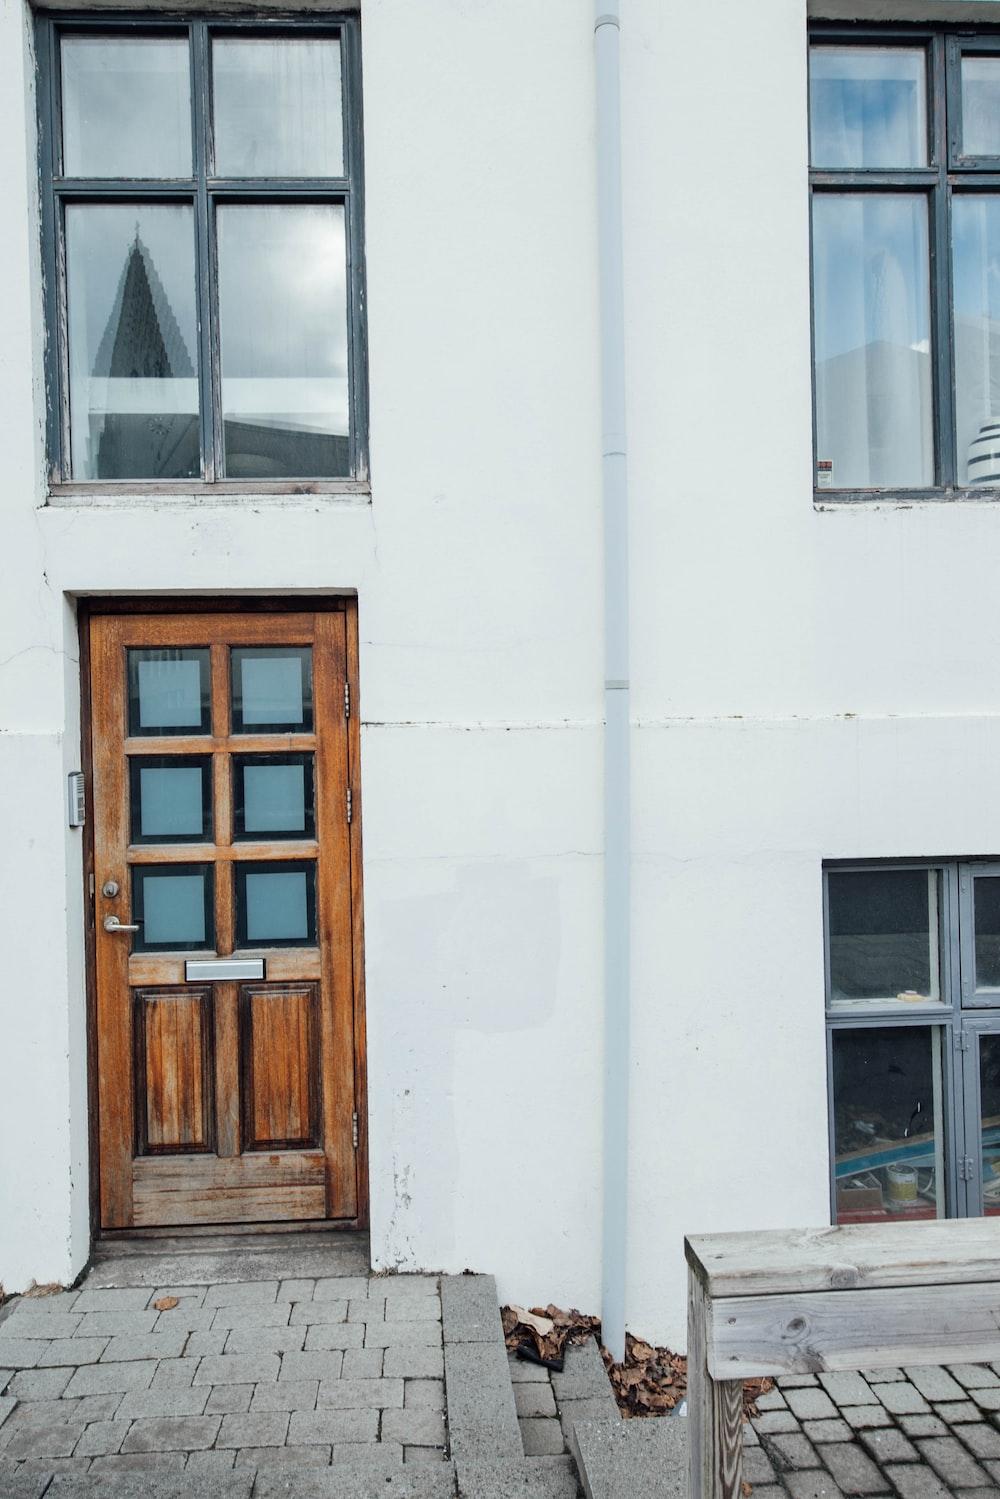 Glass Window Door Pictures Download Free Images On Unsplash